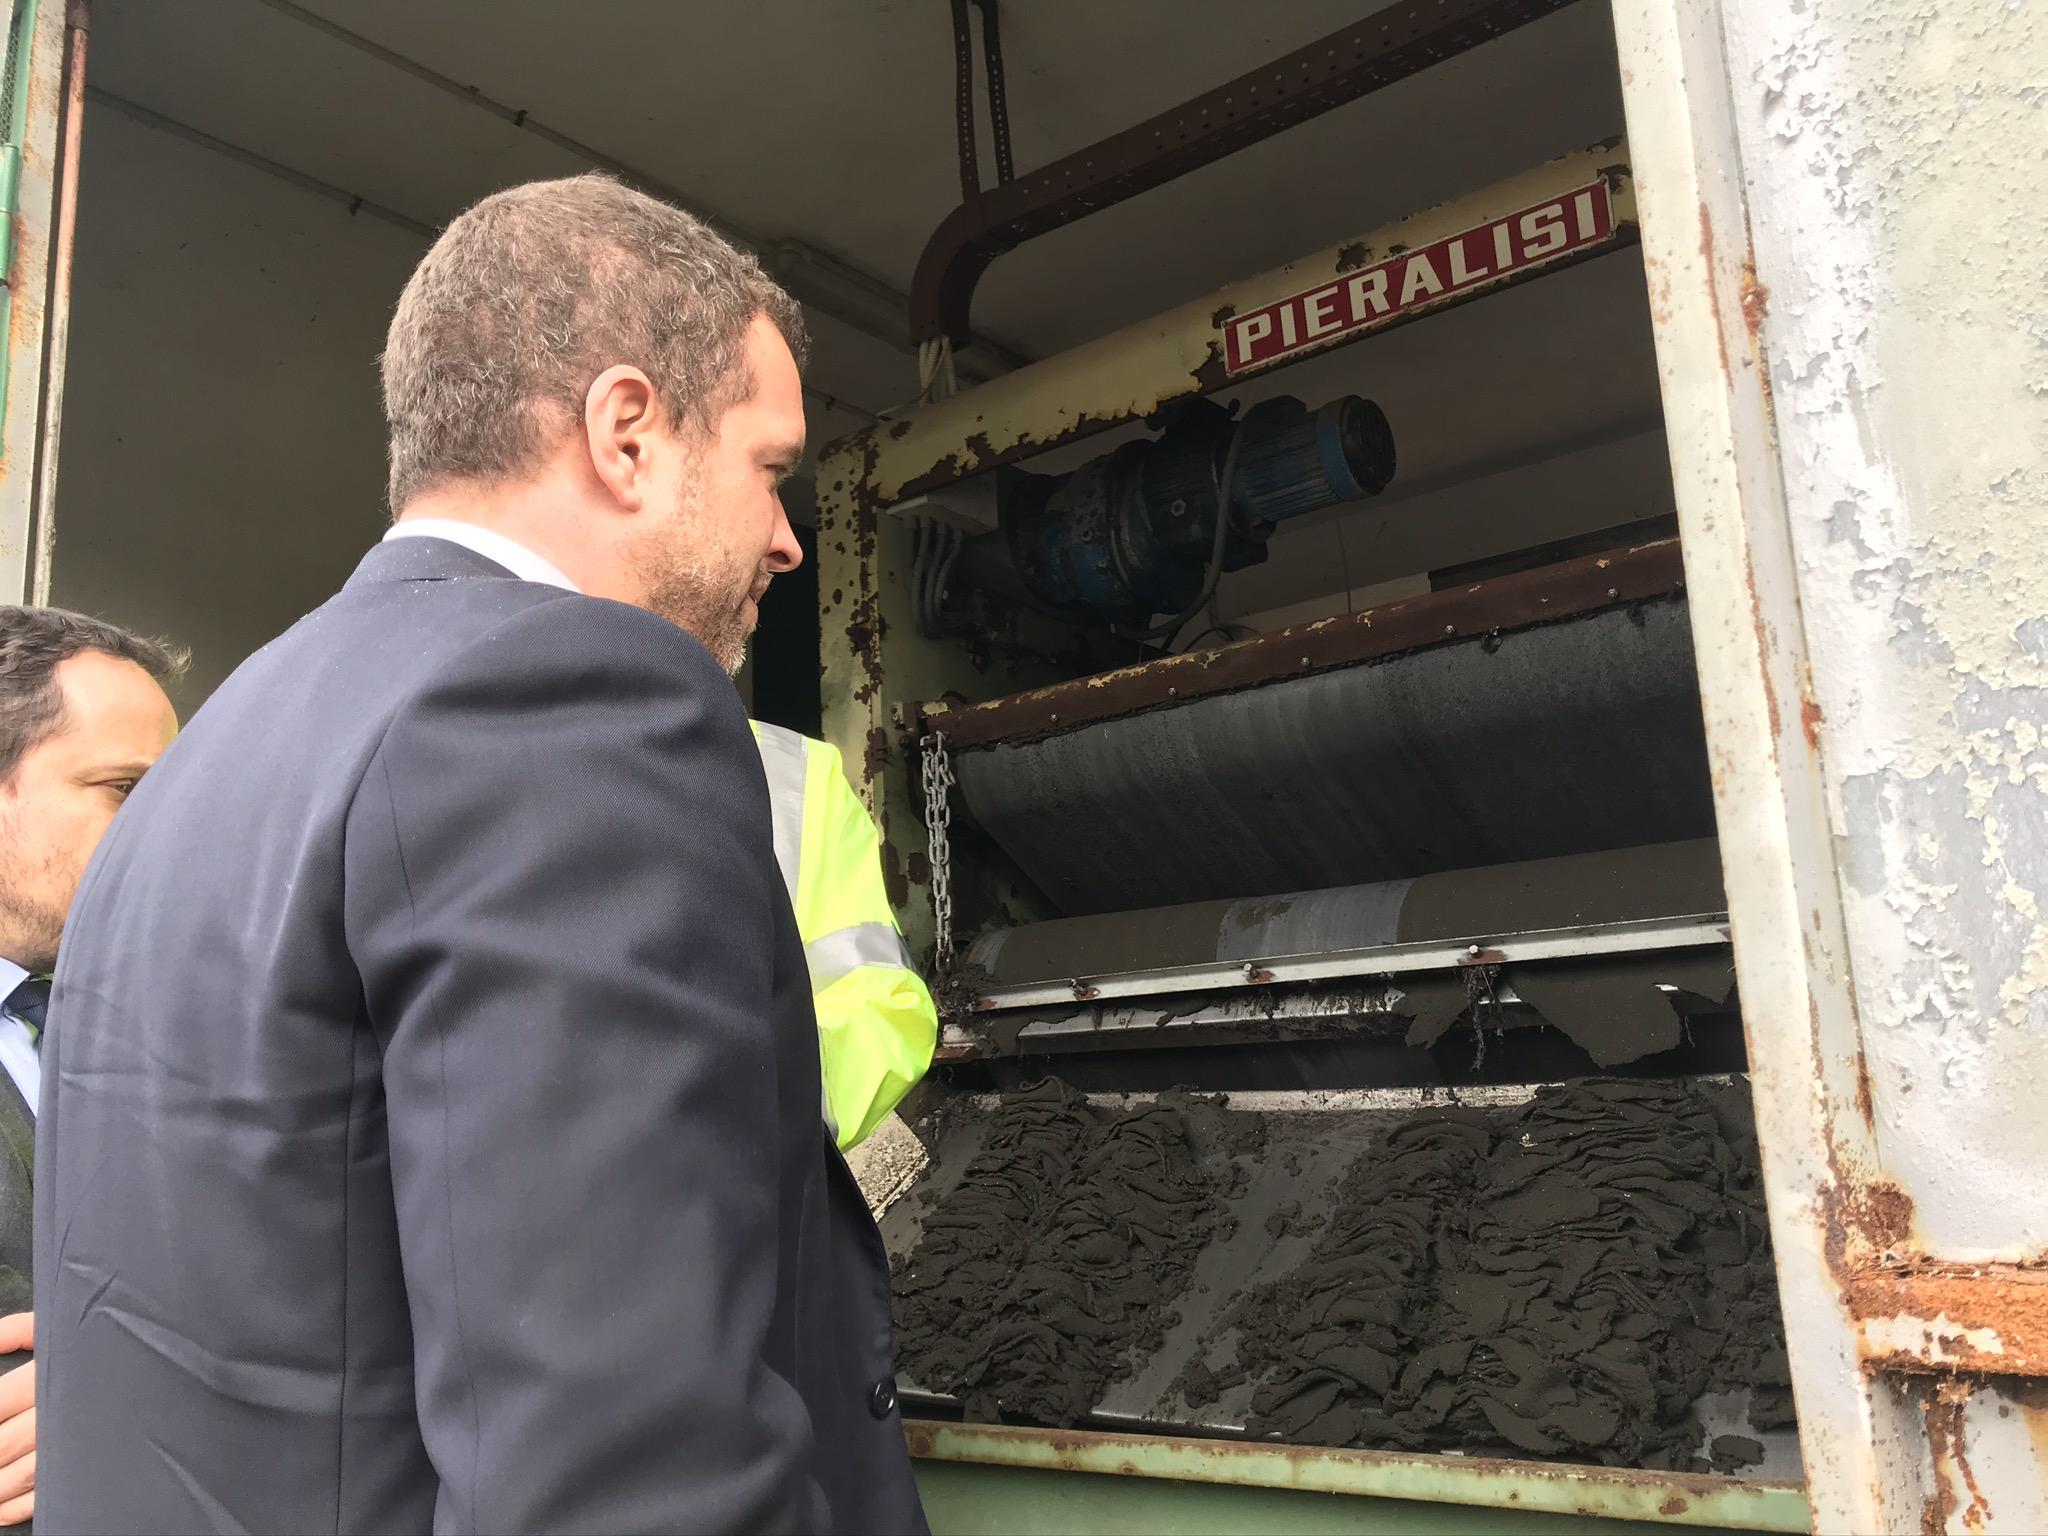 Sopralluogo della Commissione Ecomafie in un impianto di depurazione della Sicilia centrale